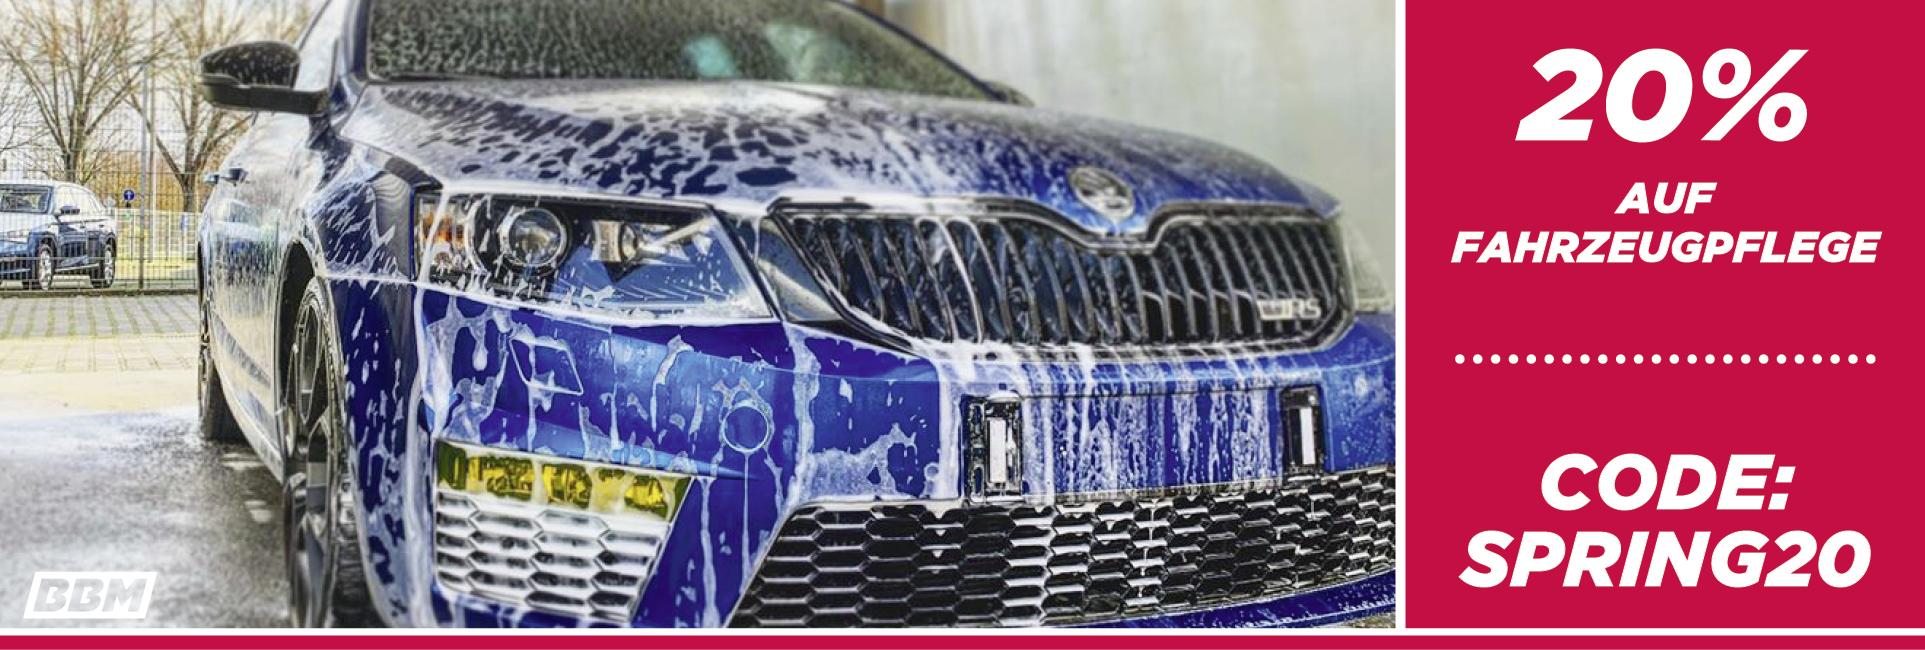 SPARE 20% auf Fahrzeugpflege - Code: spring20 , JETZT Rabatt sichern!